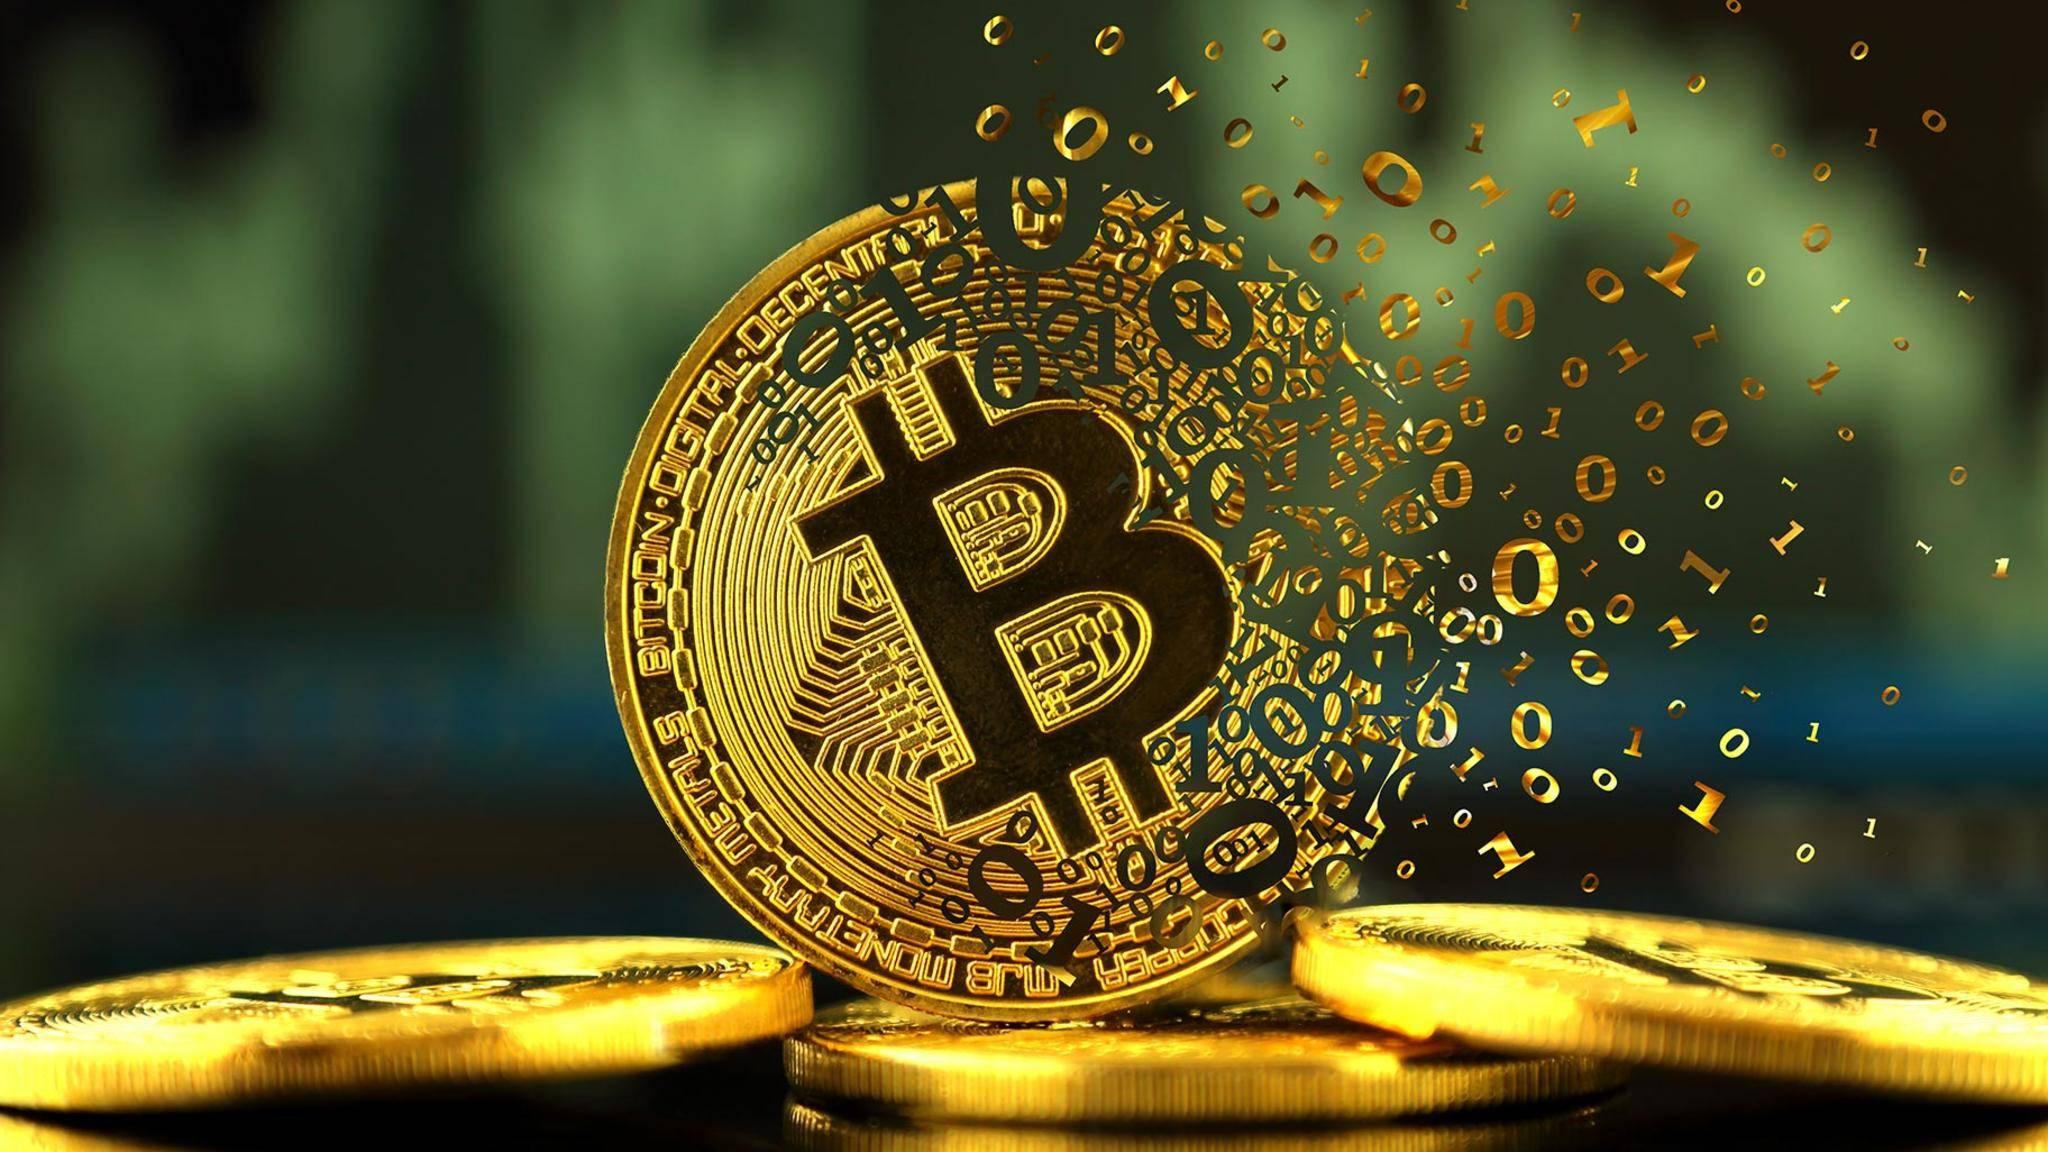 Bitcoin erreicht immer neue Höchstwerte – doch was steckt eigentlich hinter dem Mining?